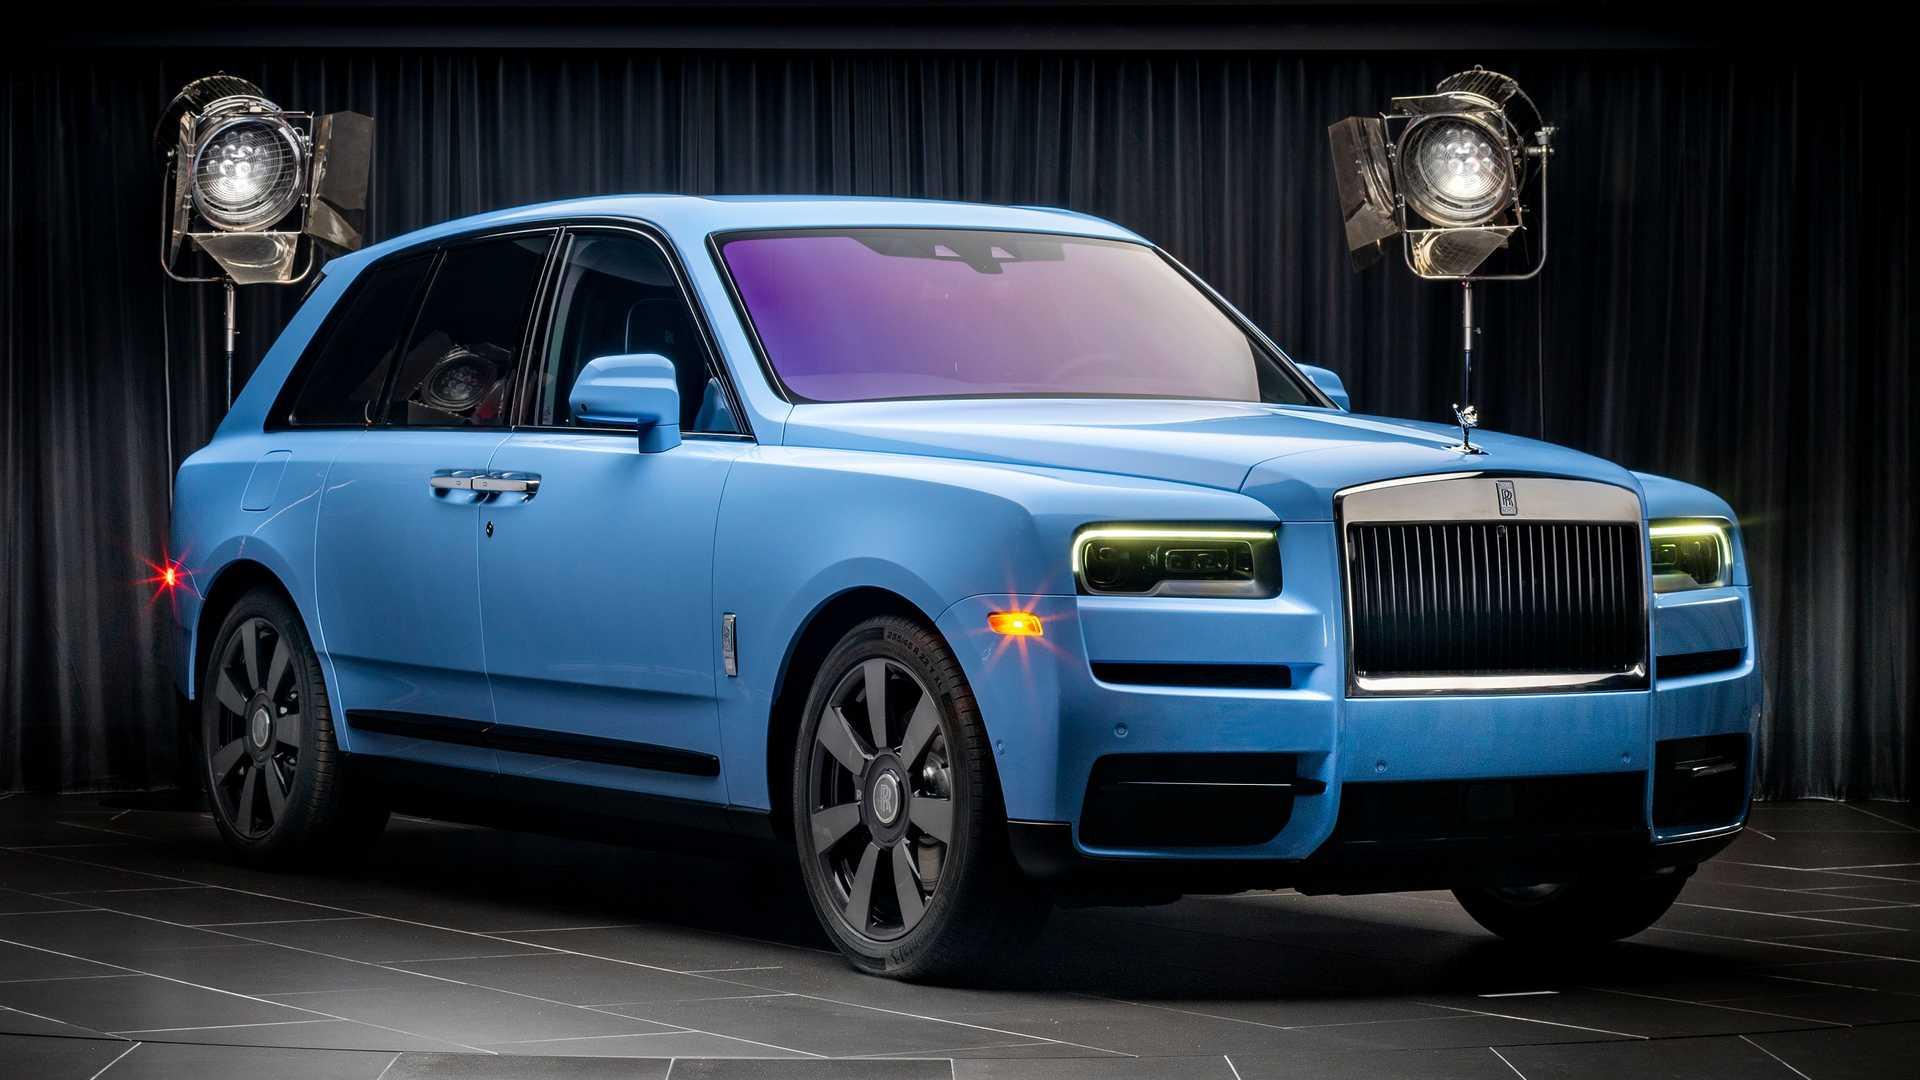 Rolls-Royce-Cullinan-bespoke-colors-1